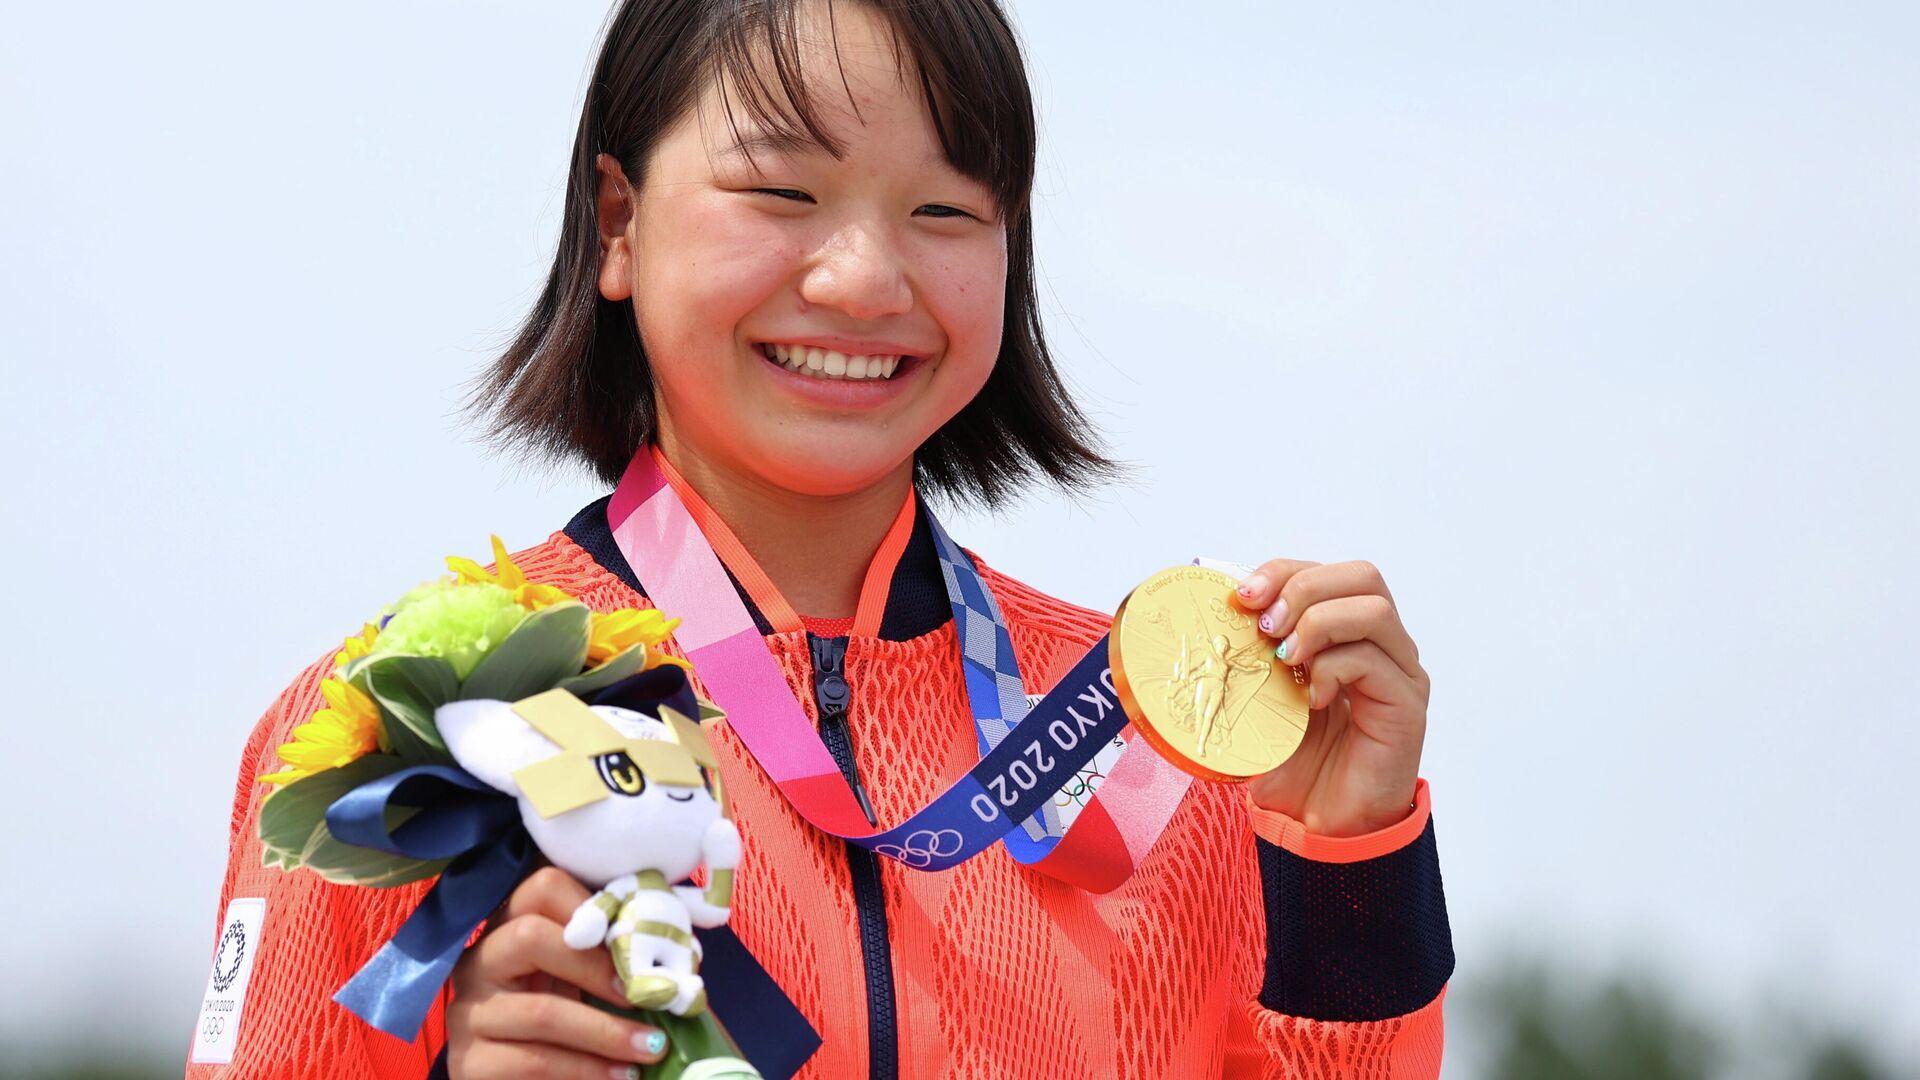 La japonesa Momiji Nishiya, primera campeona olímpica de skateboarding en la prueba de Street femenino - Sputnik Mundo, 1920, 26.07.2021